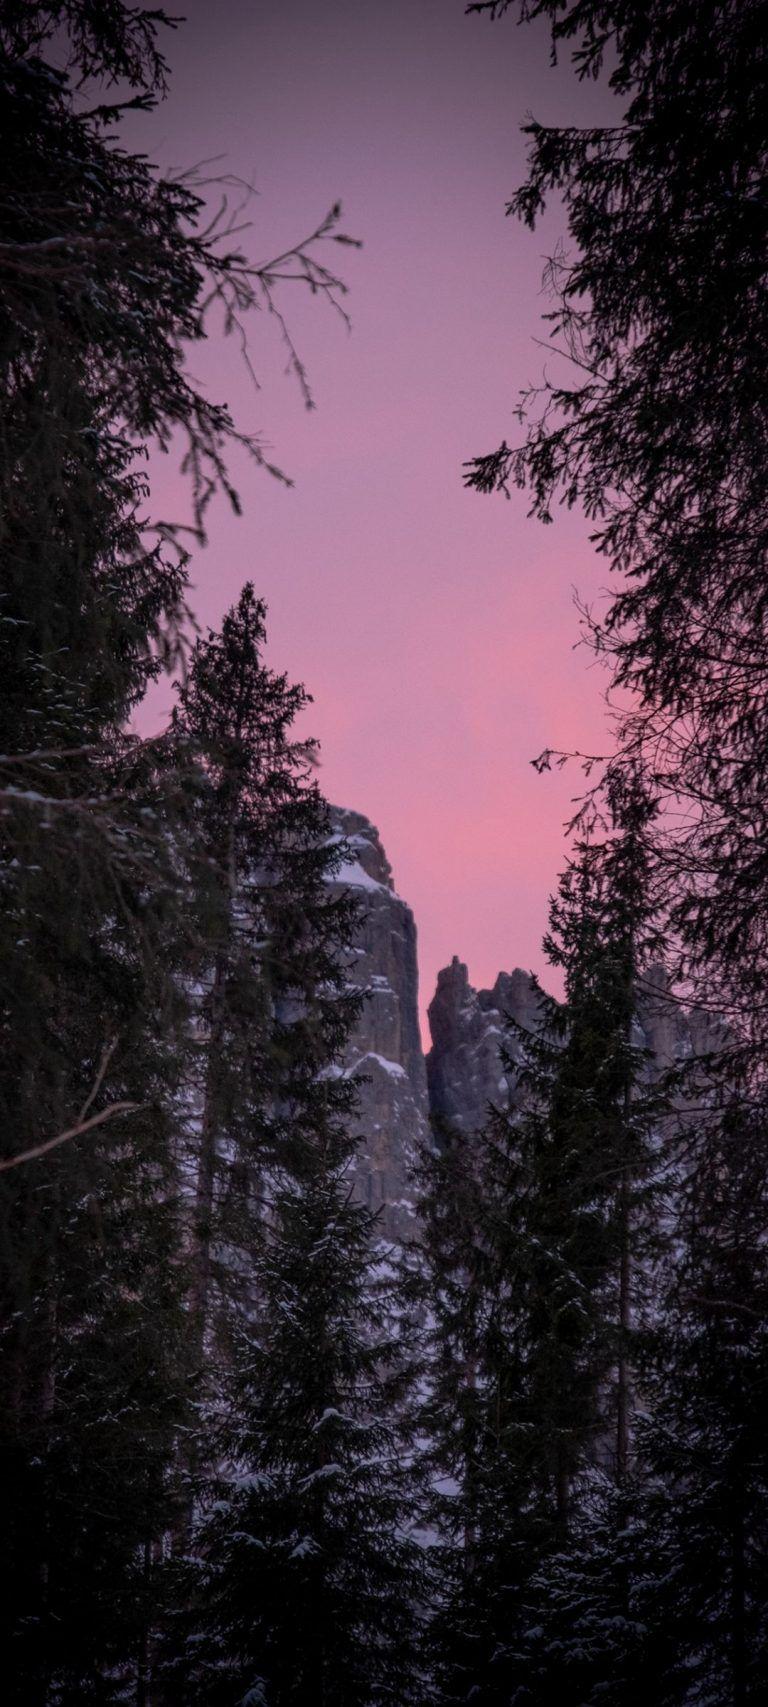 Twilight Snow Mountains Nature – [1080×2400] 4K